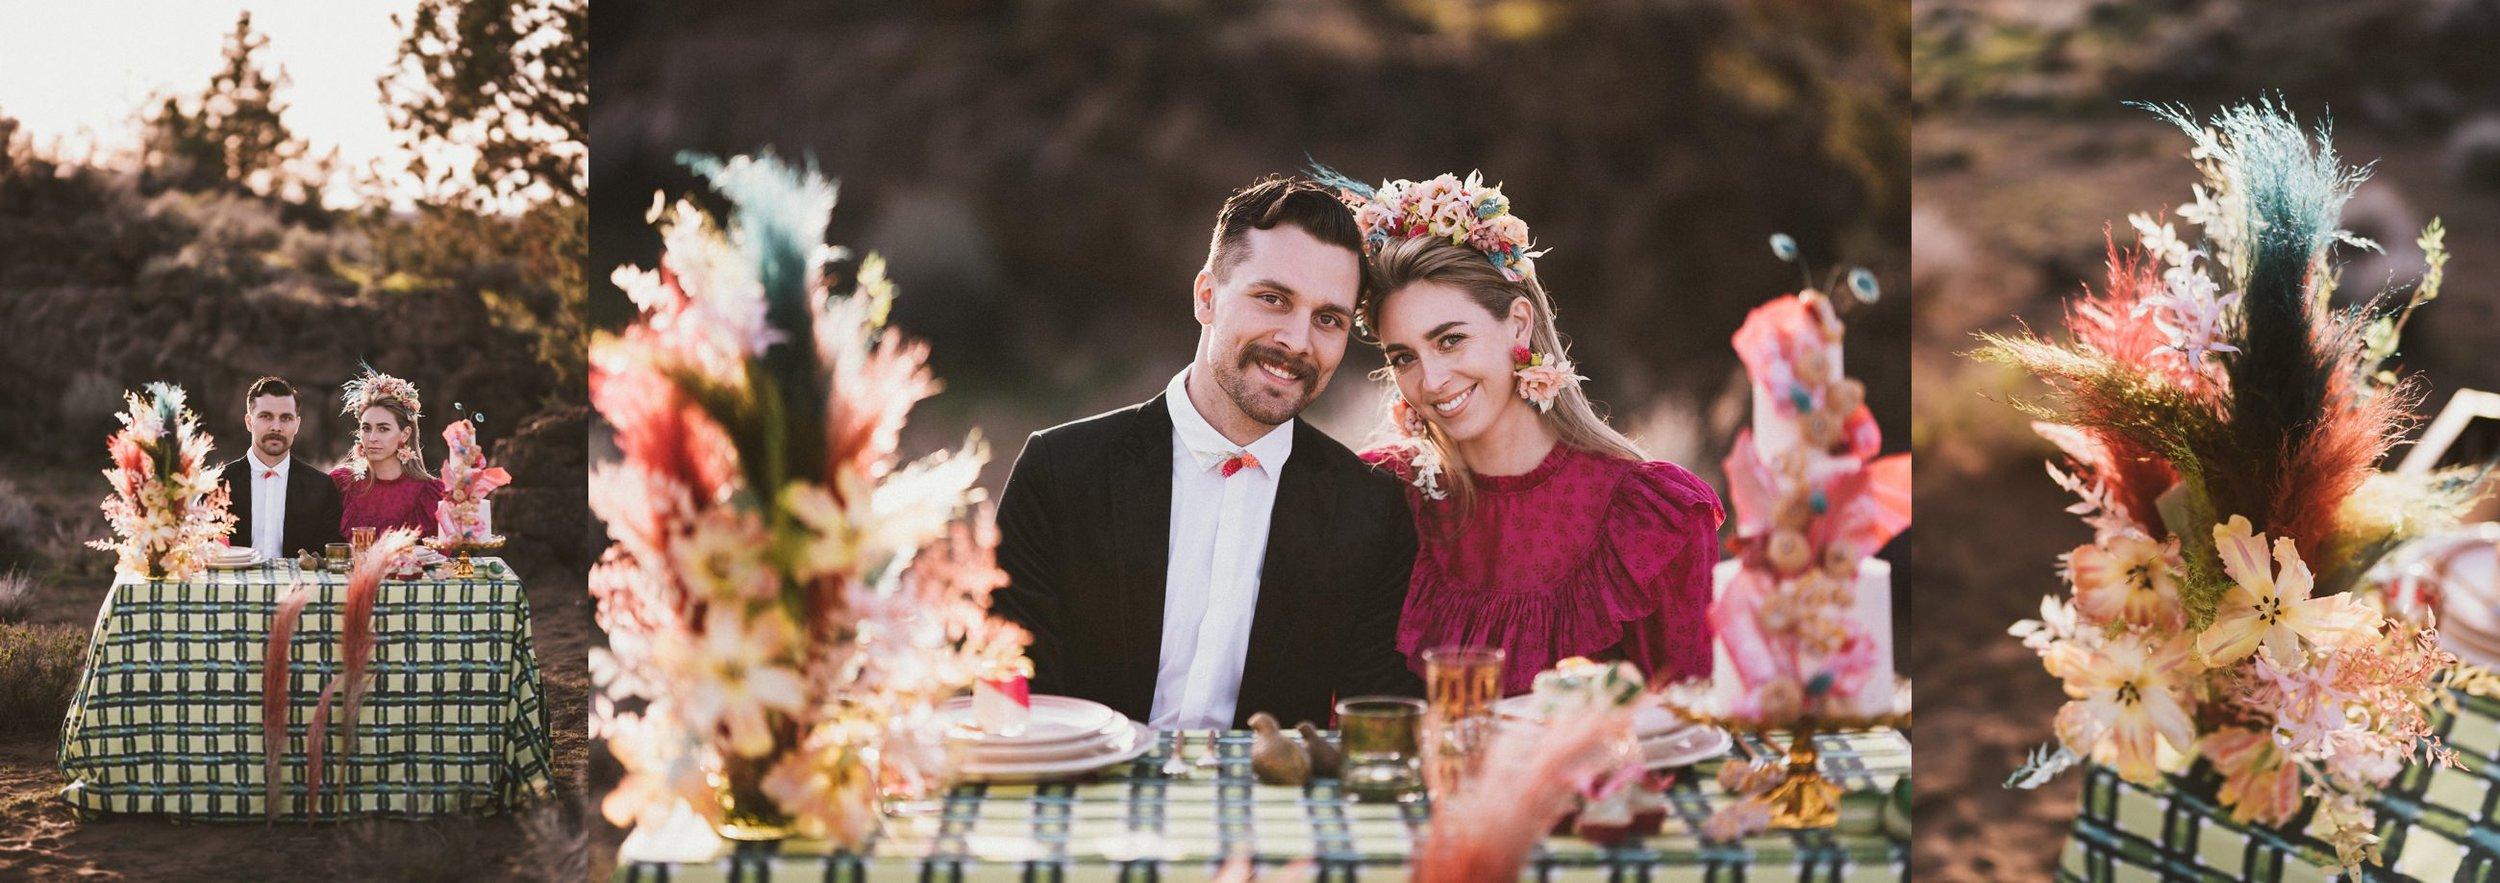 TONY-GAMBINO-PHOTOGRAPHY-BEND-OREGON-WEDDING-SHOOT_1486 Dinner.jpg